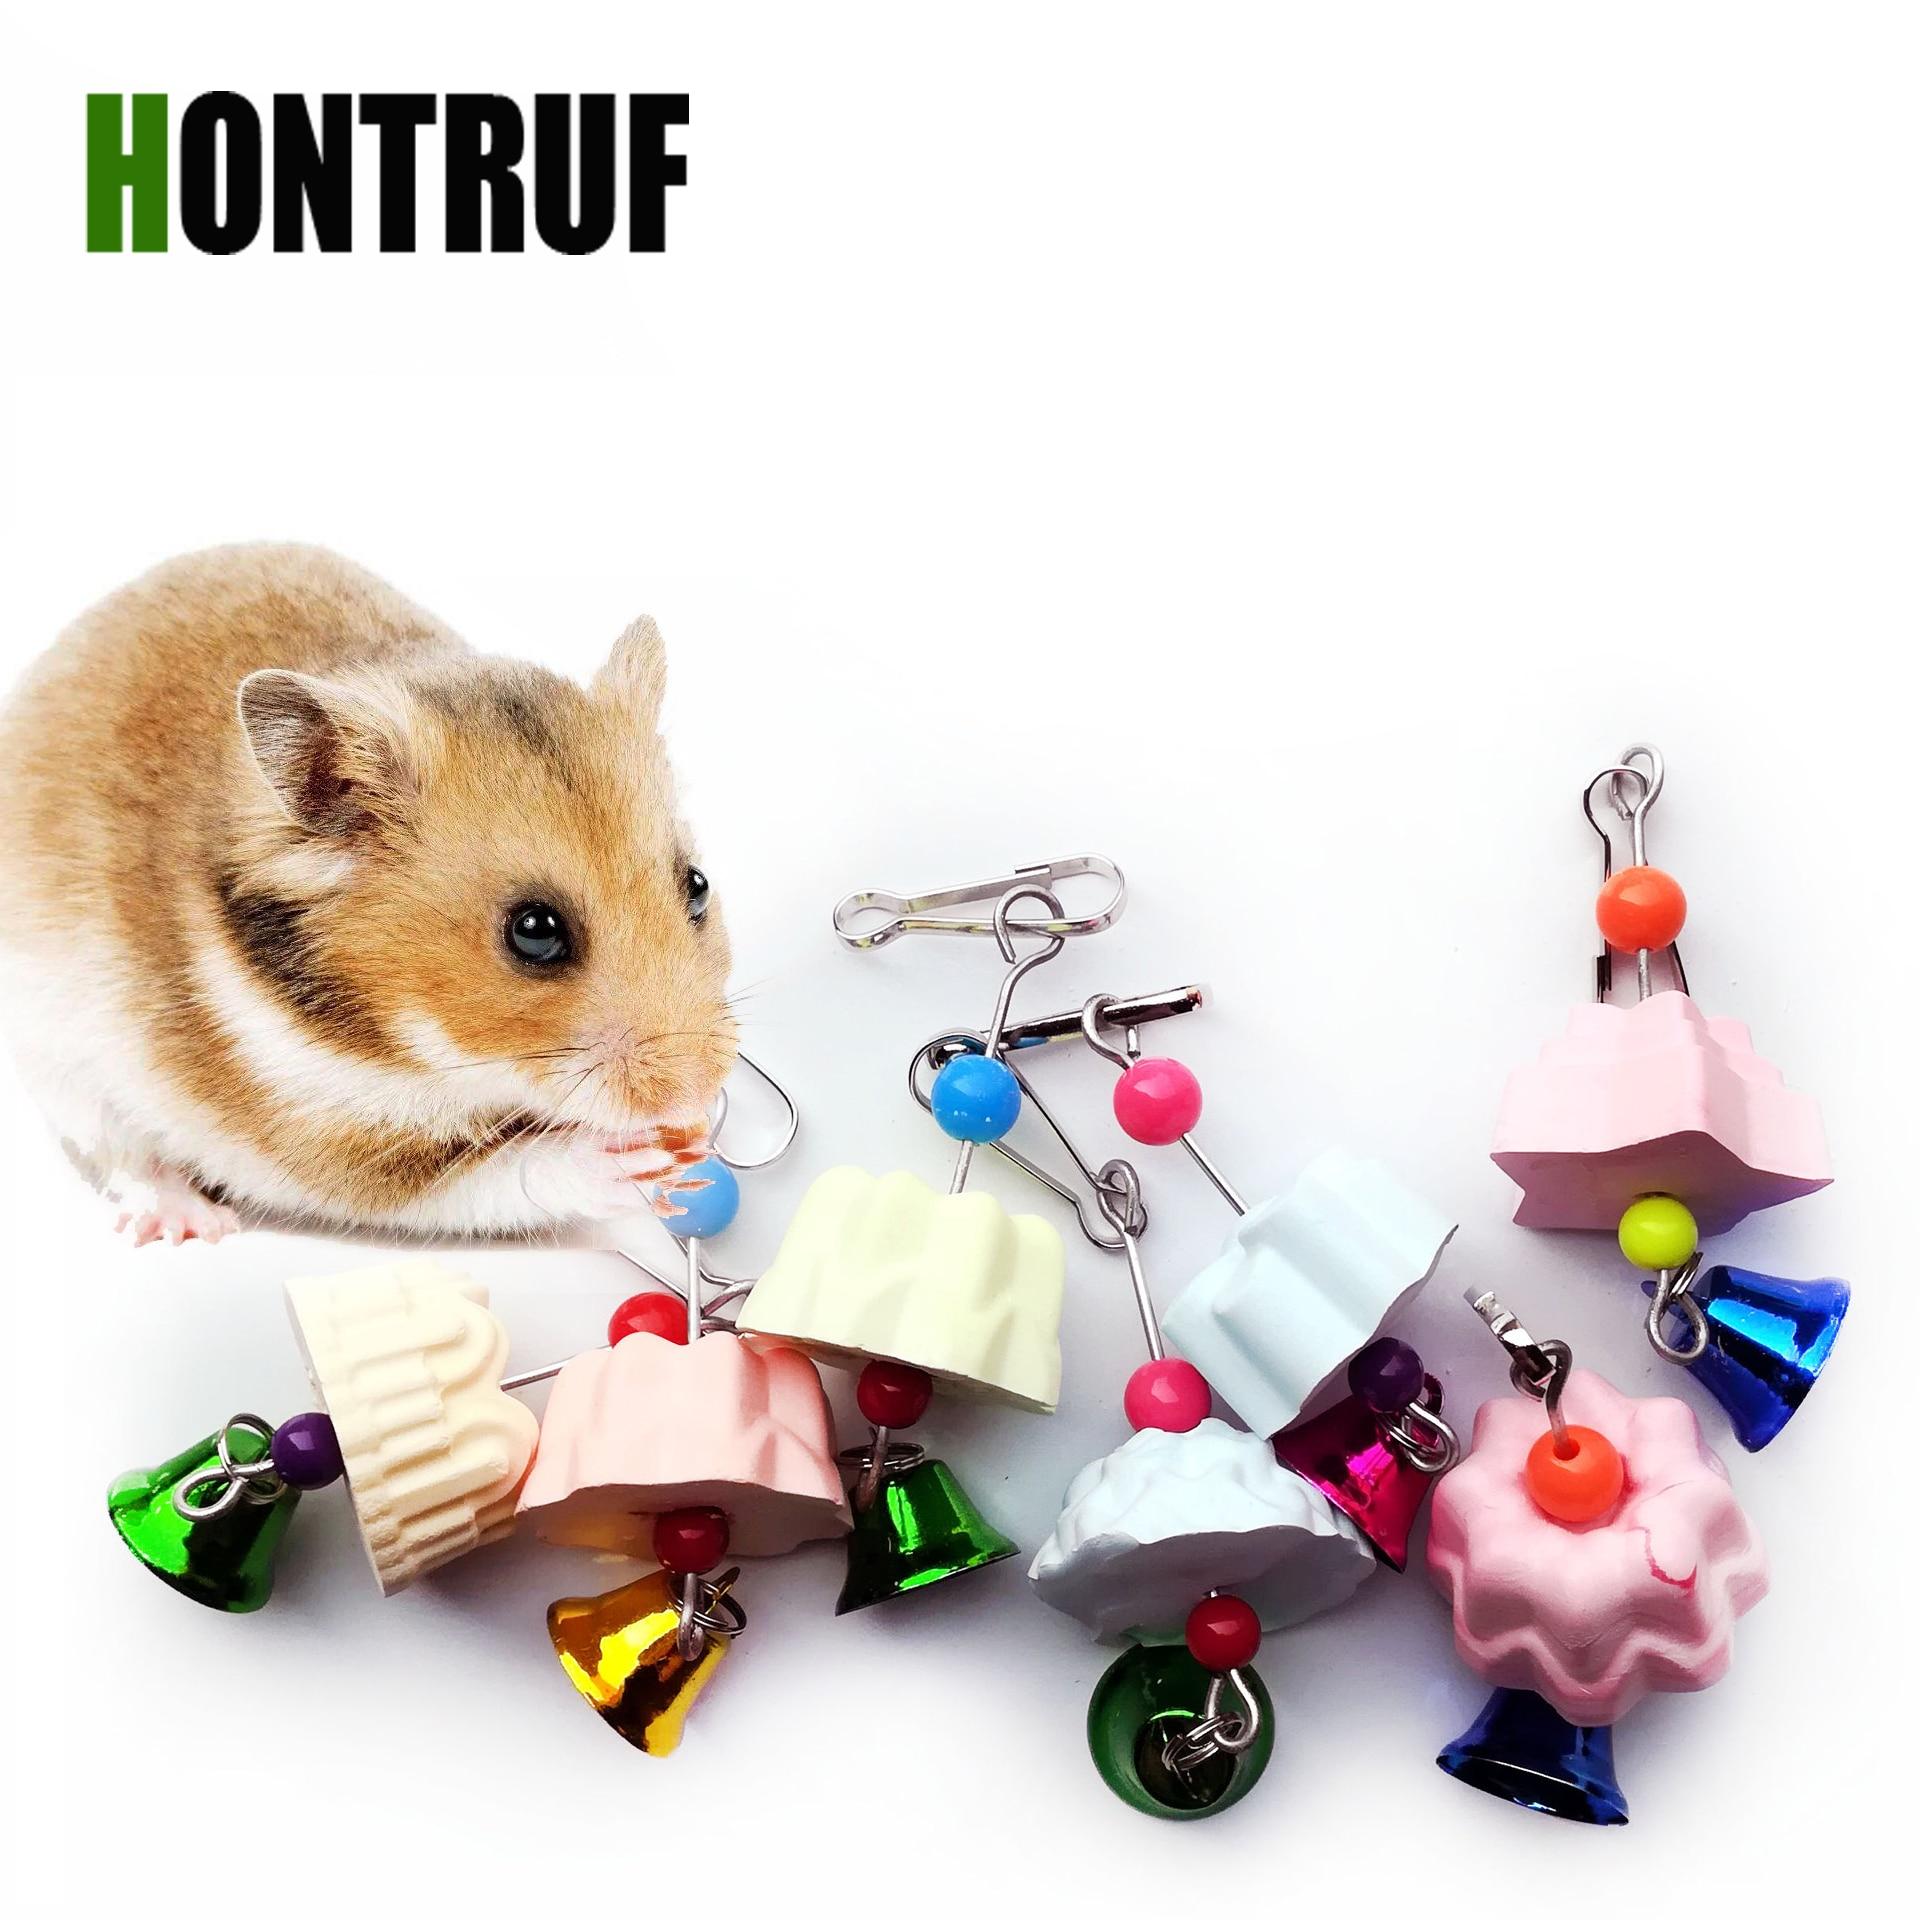 Petites fournitures pour animaux domestiques | Hamster Totoro écureuil chaîne Molar perroquet pierre de meulage, morsures de lait au Calcium, jouet à mâcher, jouet perroquet oiseau